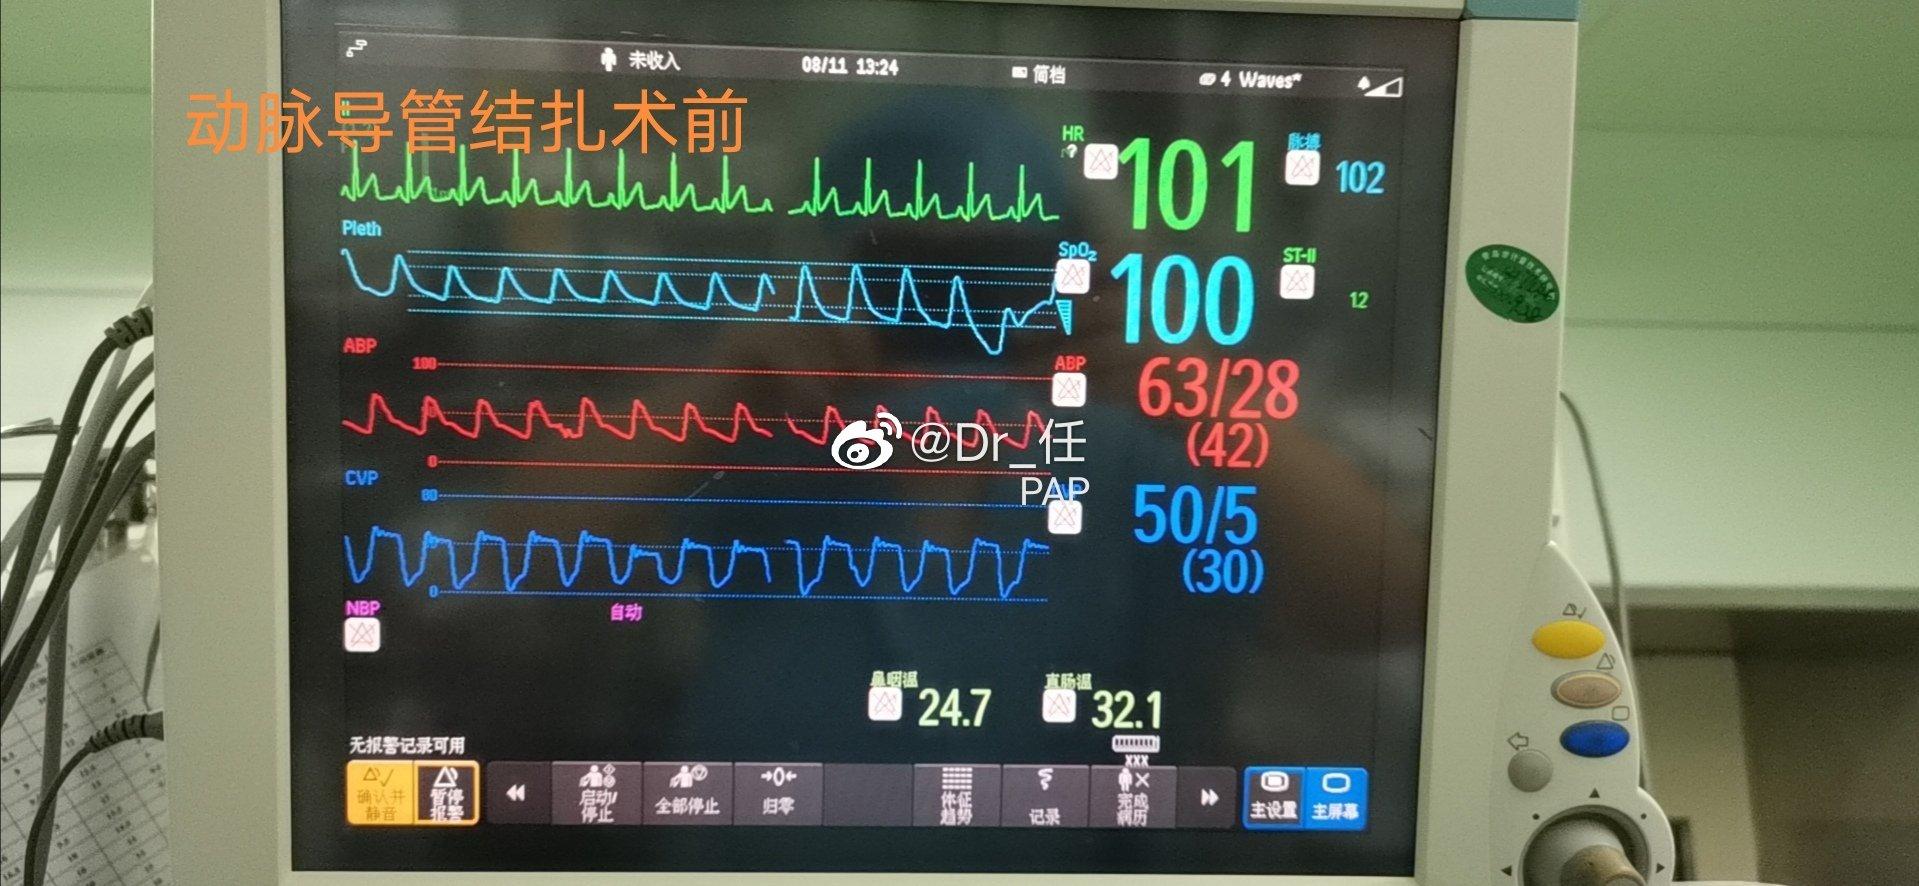 6月,粗大动脉导管未闭,重度肺动脉高压,左右室均增大,严重心衰